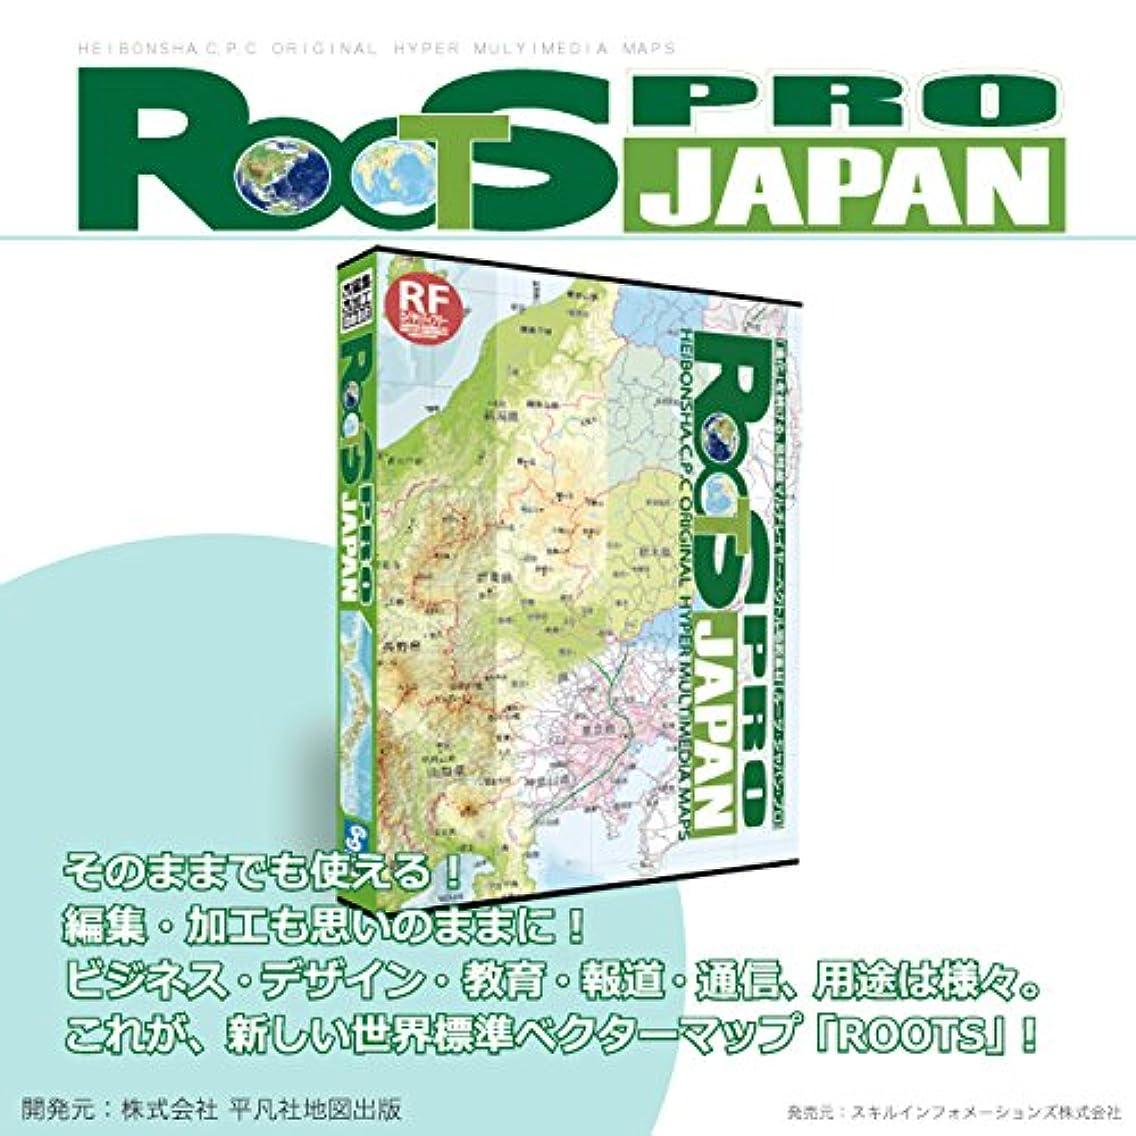 ROOTS JAPAN PRO